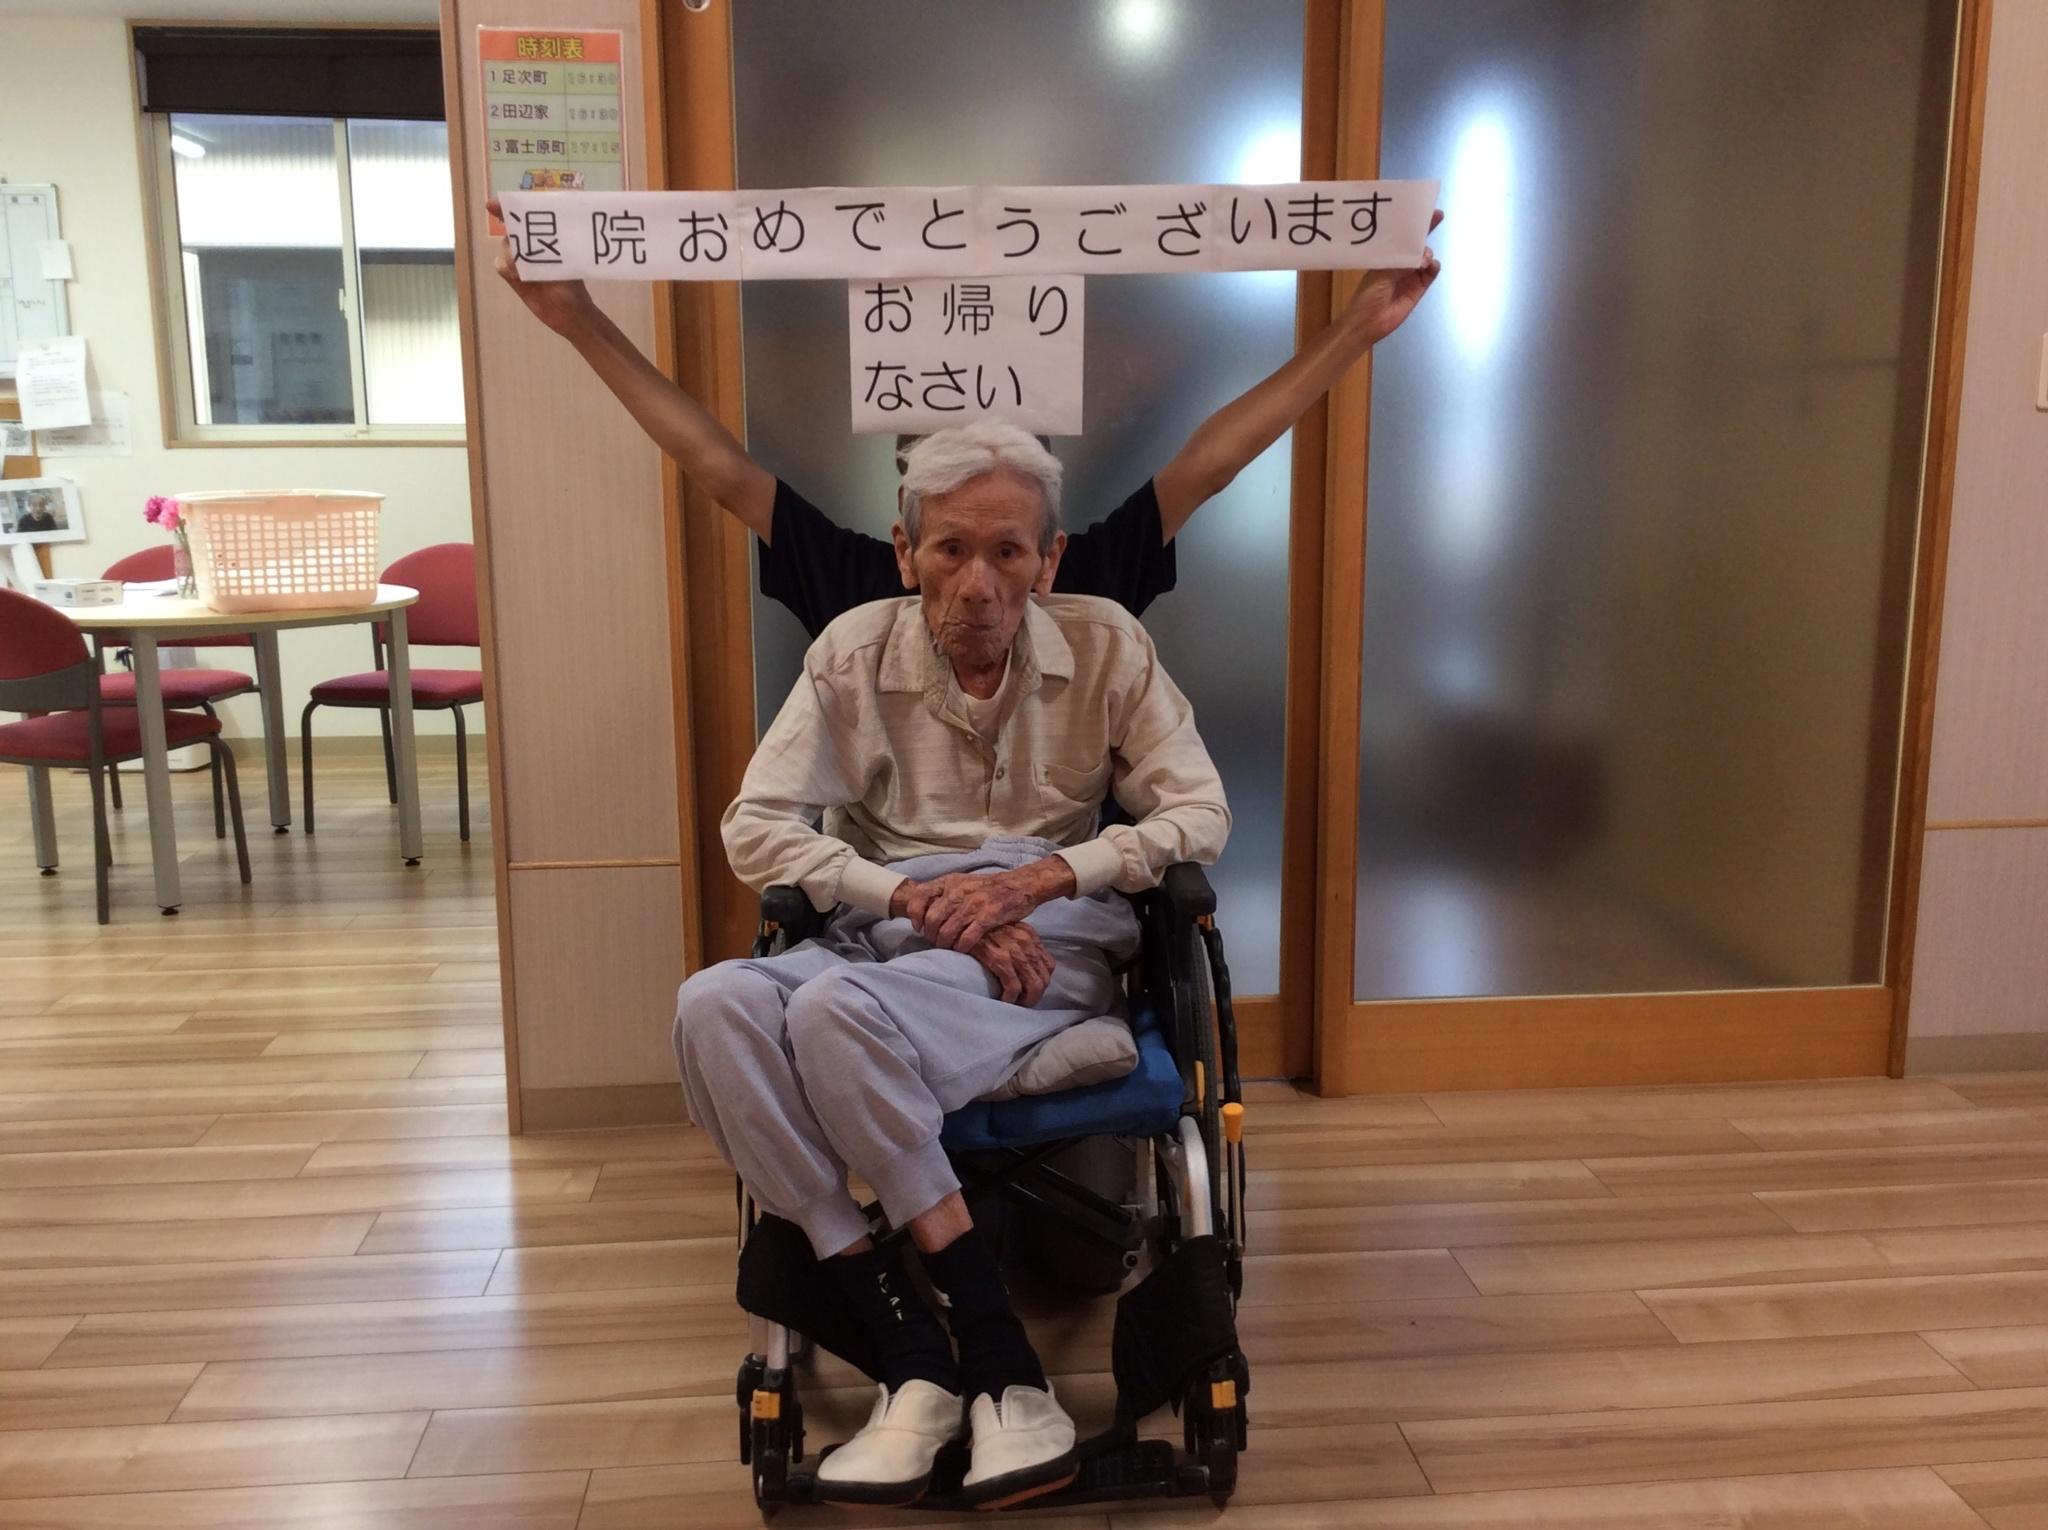 退院 おめでとう ござい ます